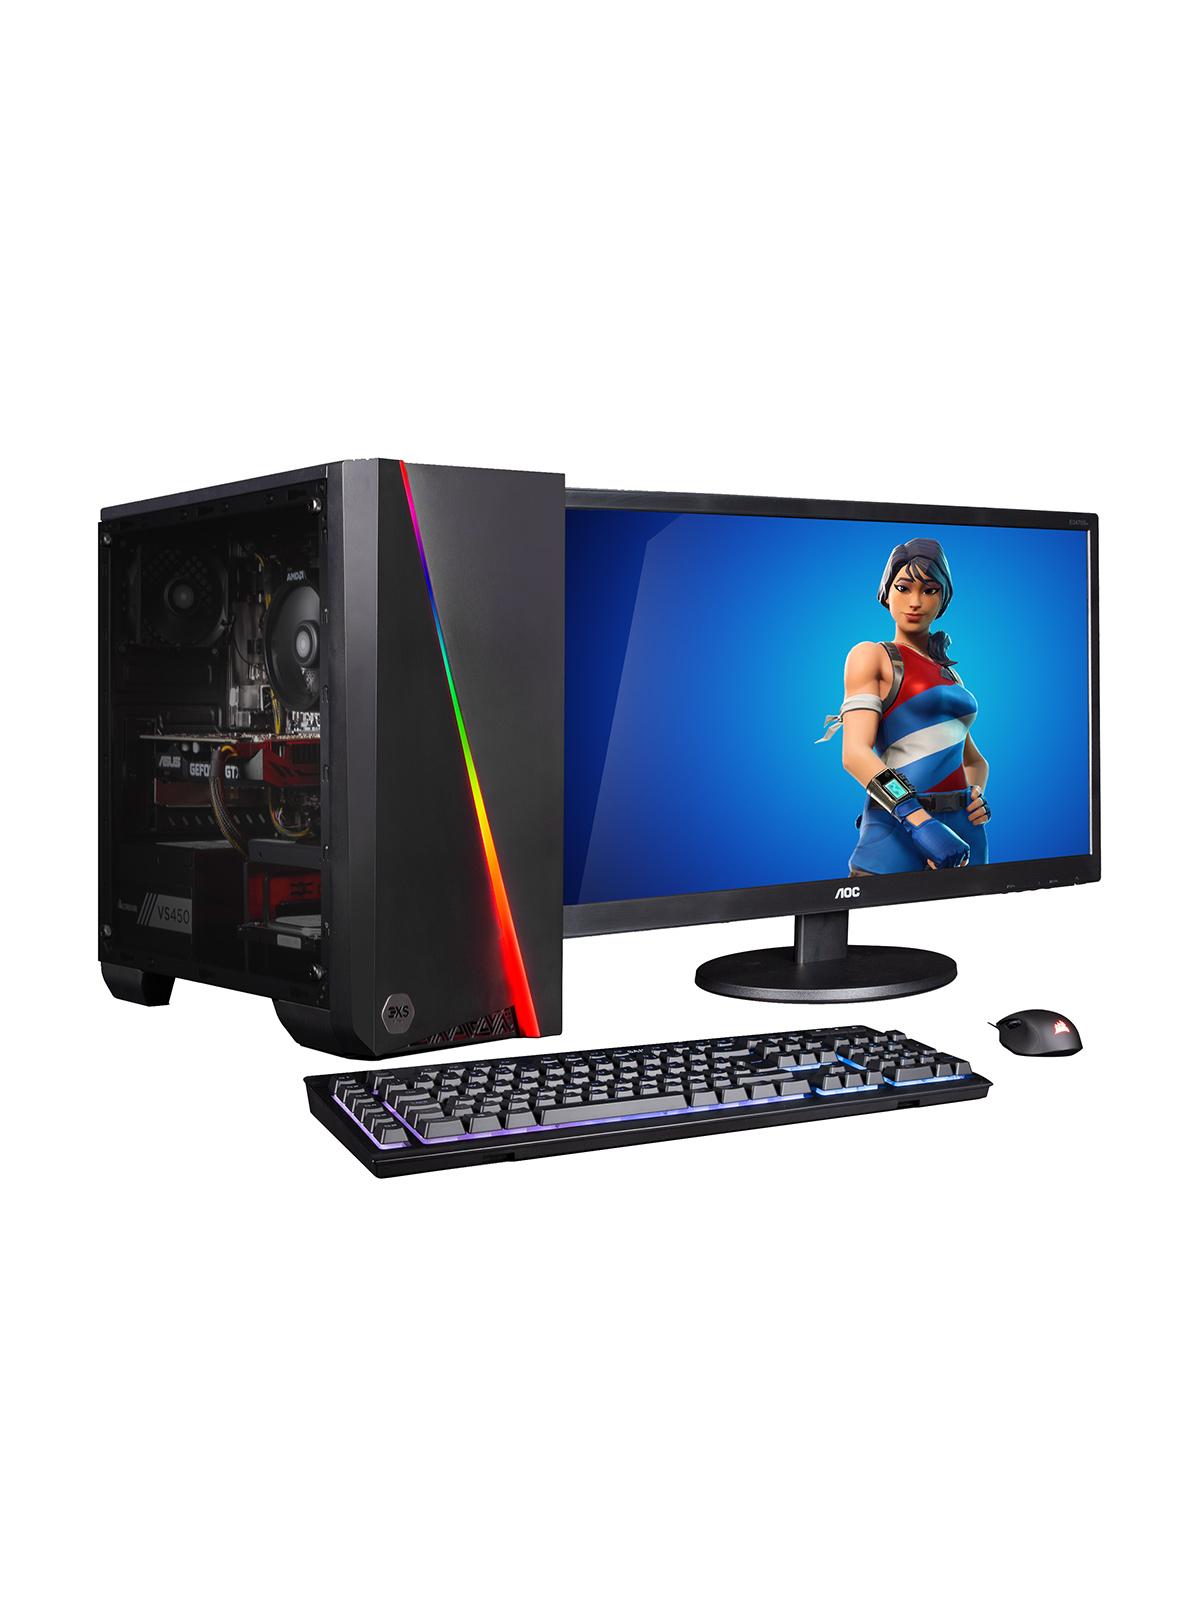 """3XS Gaming Bundle - Ryzen 5, GTX 1660, AOC 24"""" Gaming Monitor, Corsair K55 Keyboard, Harpoon Mouse £650 @ ElekDirect"""